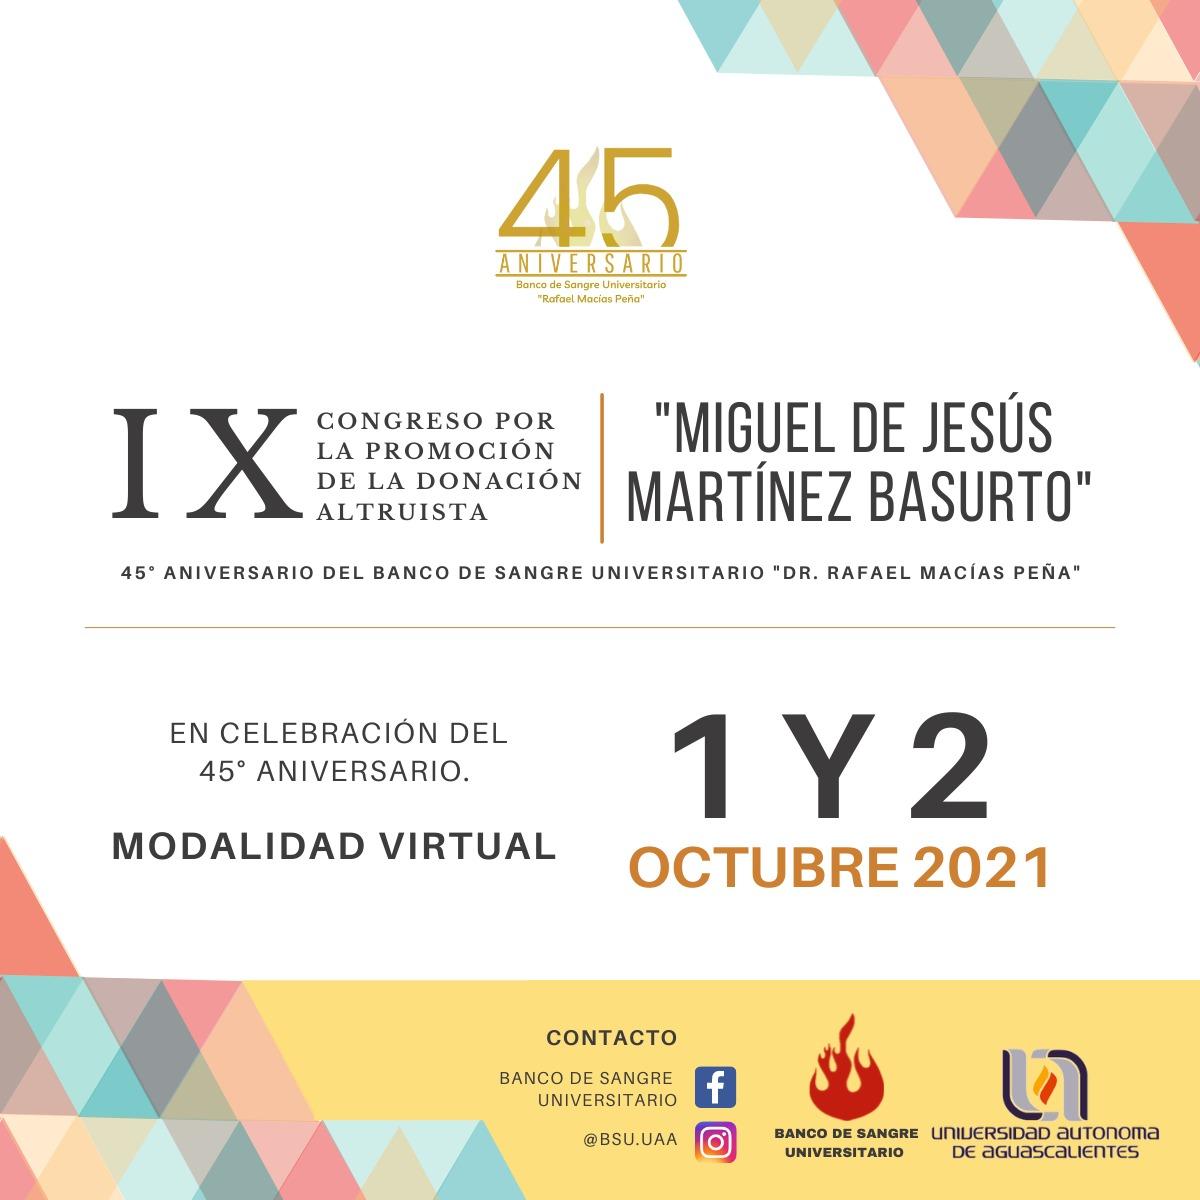 IX CONGRESO POR LA PROMOCIÓN DE LA DONACIÓN ALTRUISTA